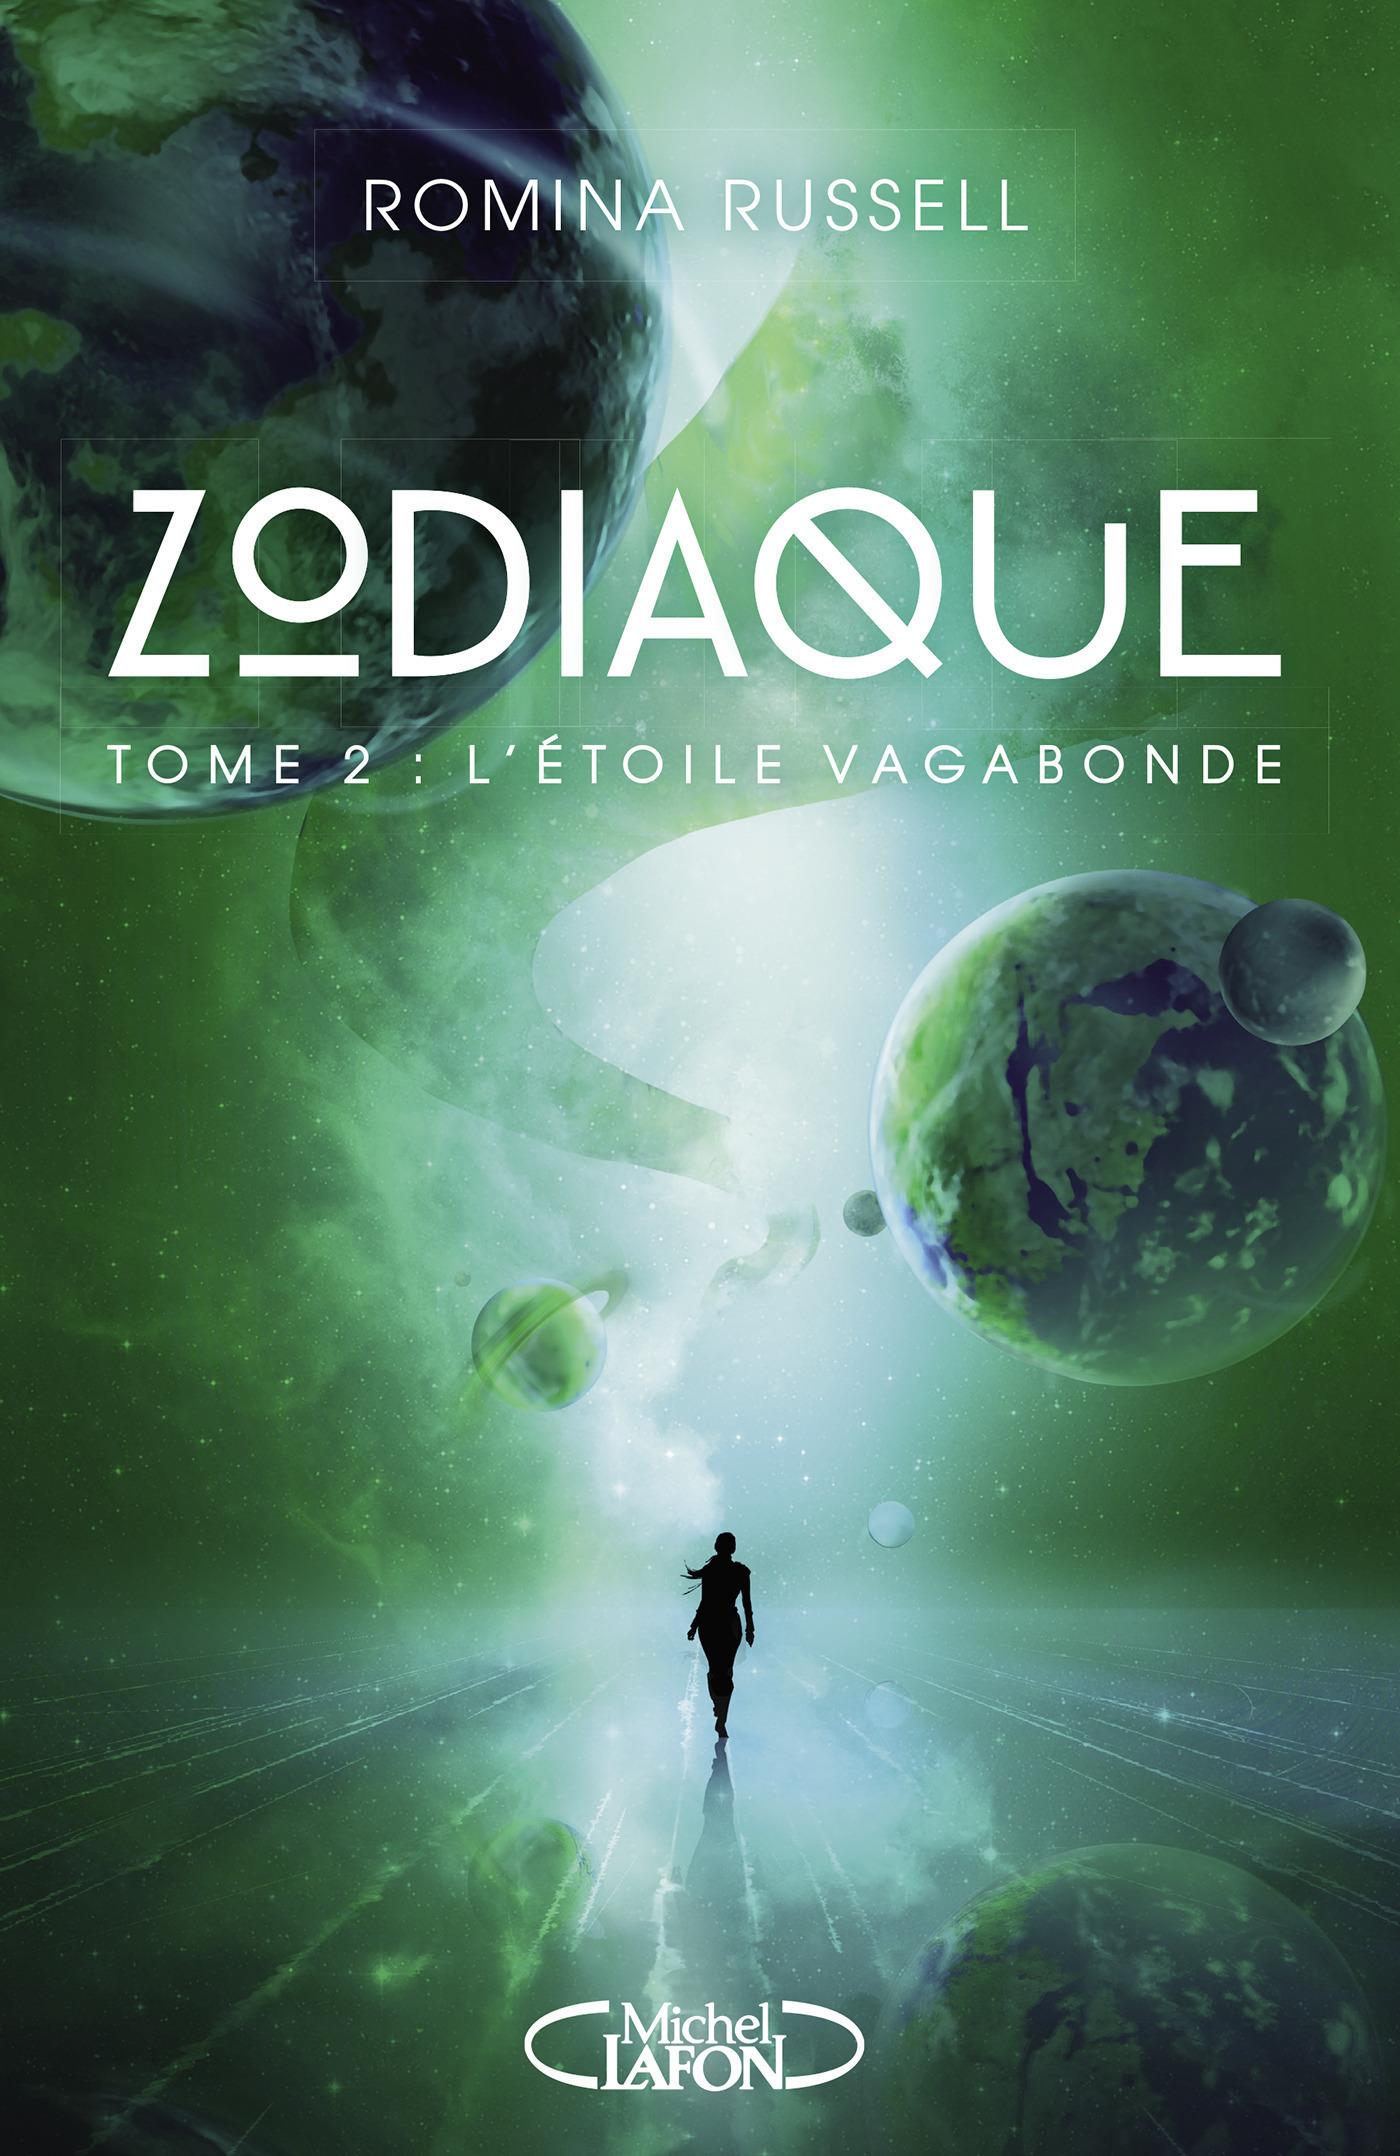 Zodiaque - tome 2 L'étoile vagabonde